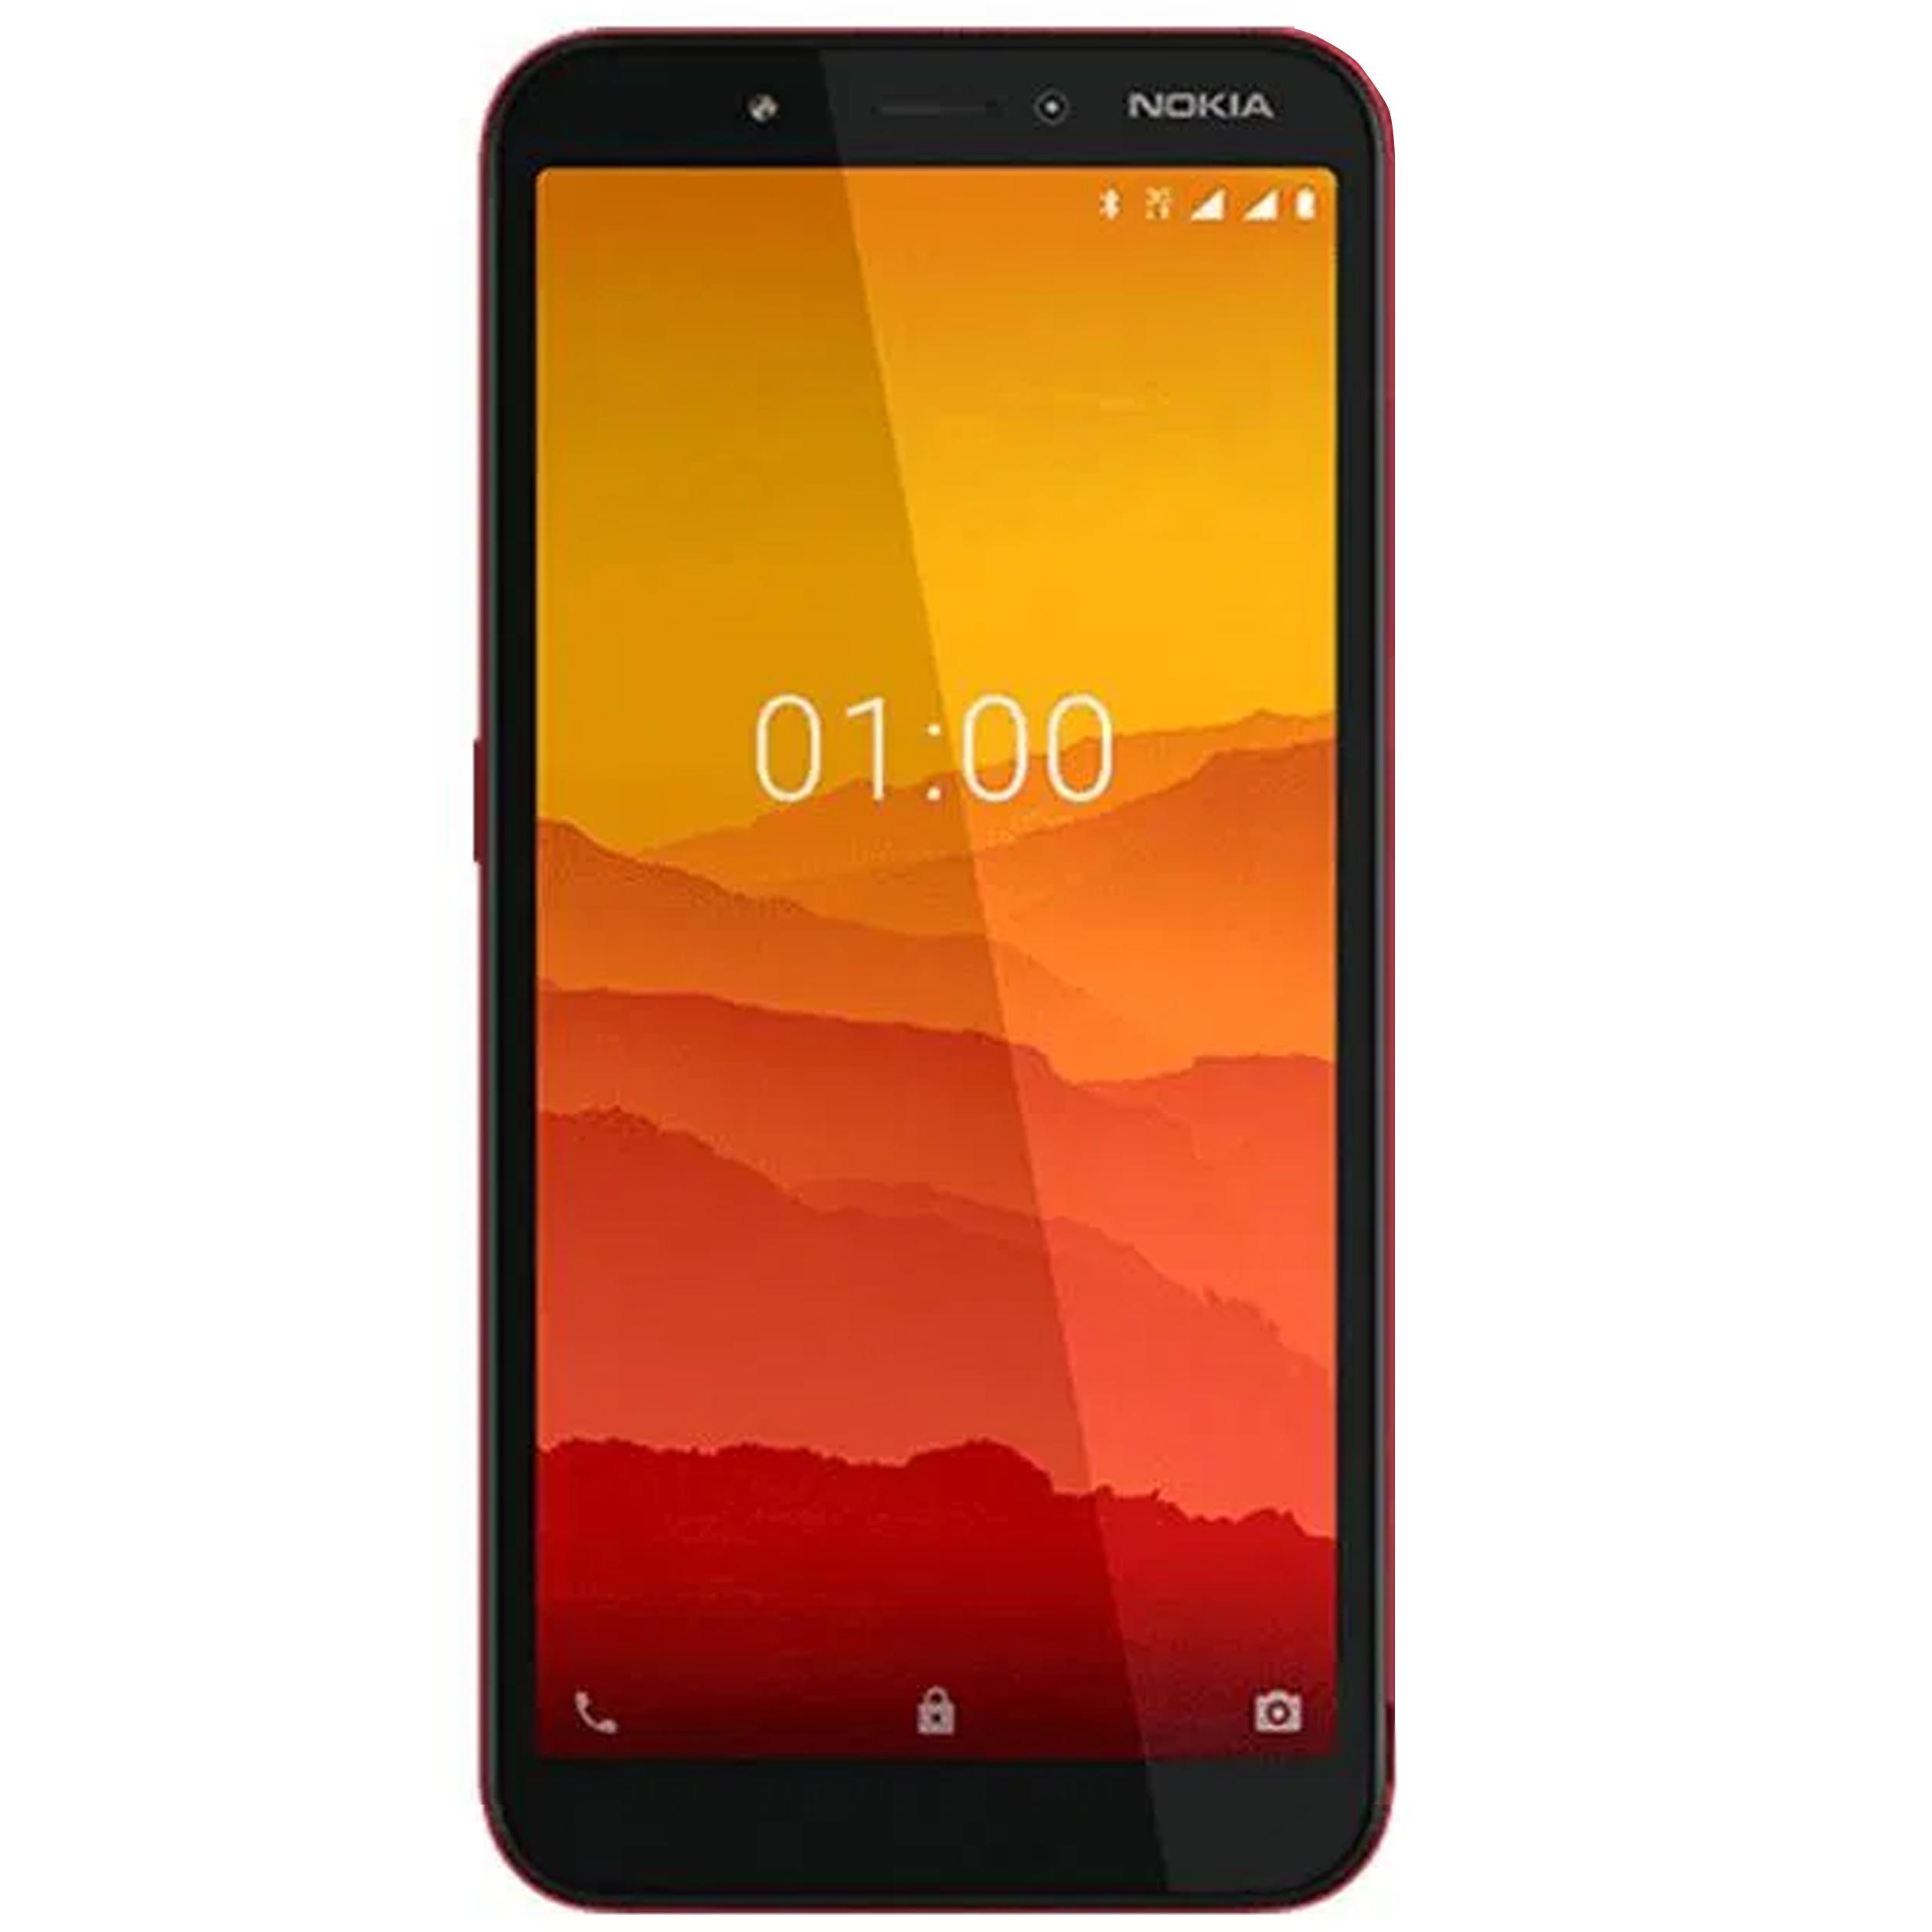 خرید گوشی موبایل نوکیا مدل C1 TA-1165 دوسیم کارت ظرفیت 16 گیگابایت